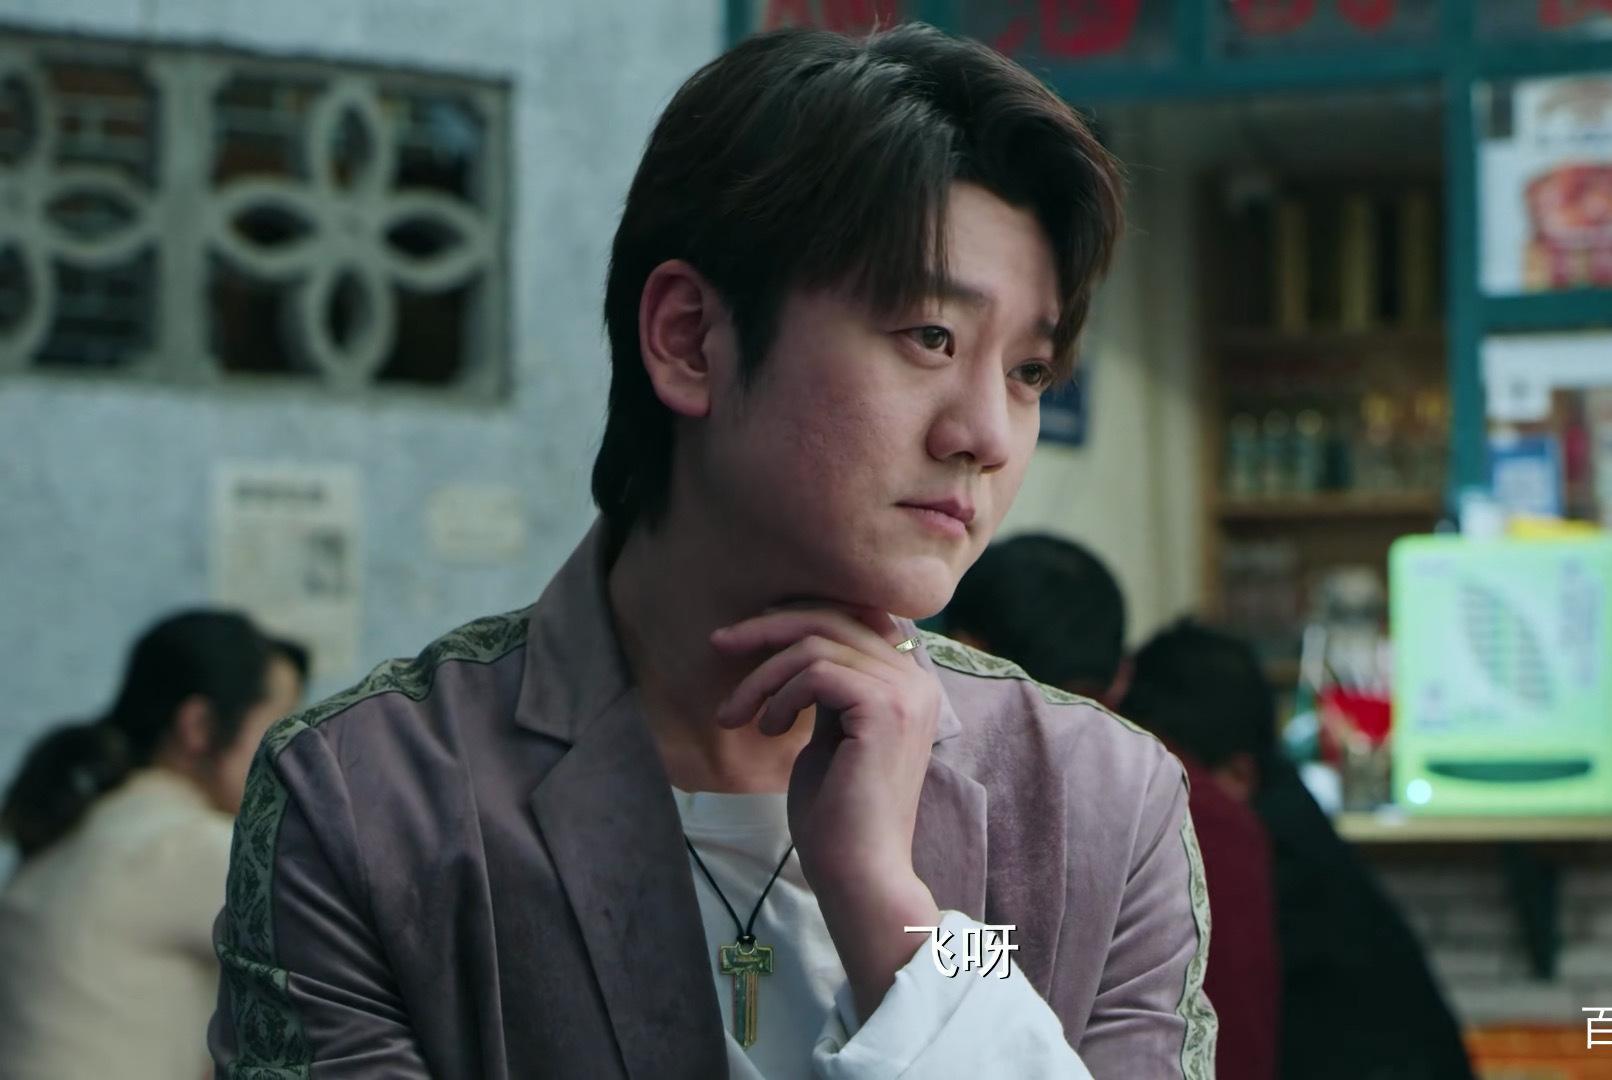 我,喜欢你:剧中此人看似多余,那他为什么还在剧中没被删掉呢?